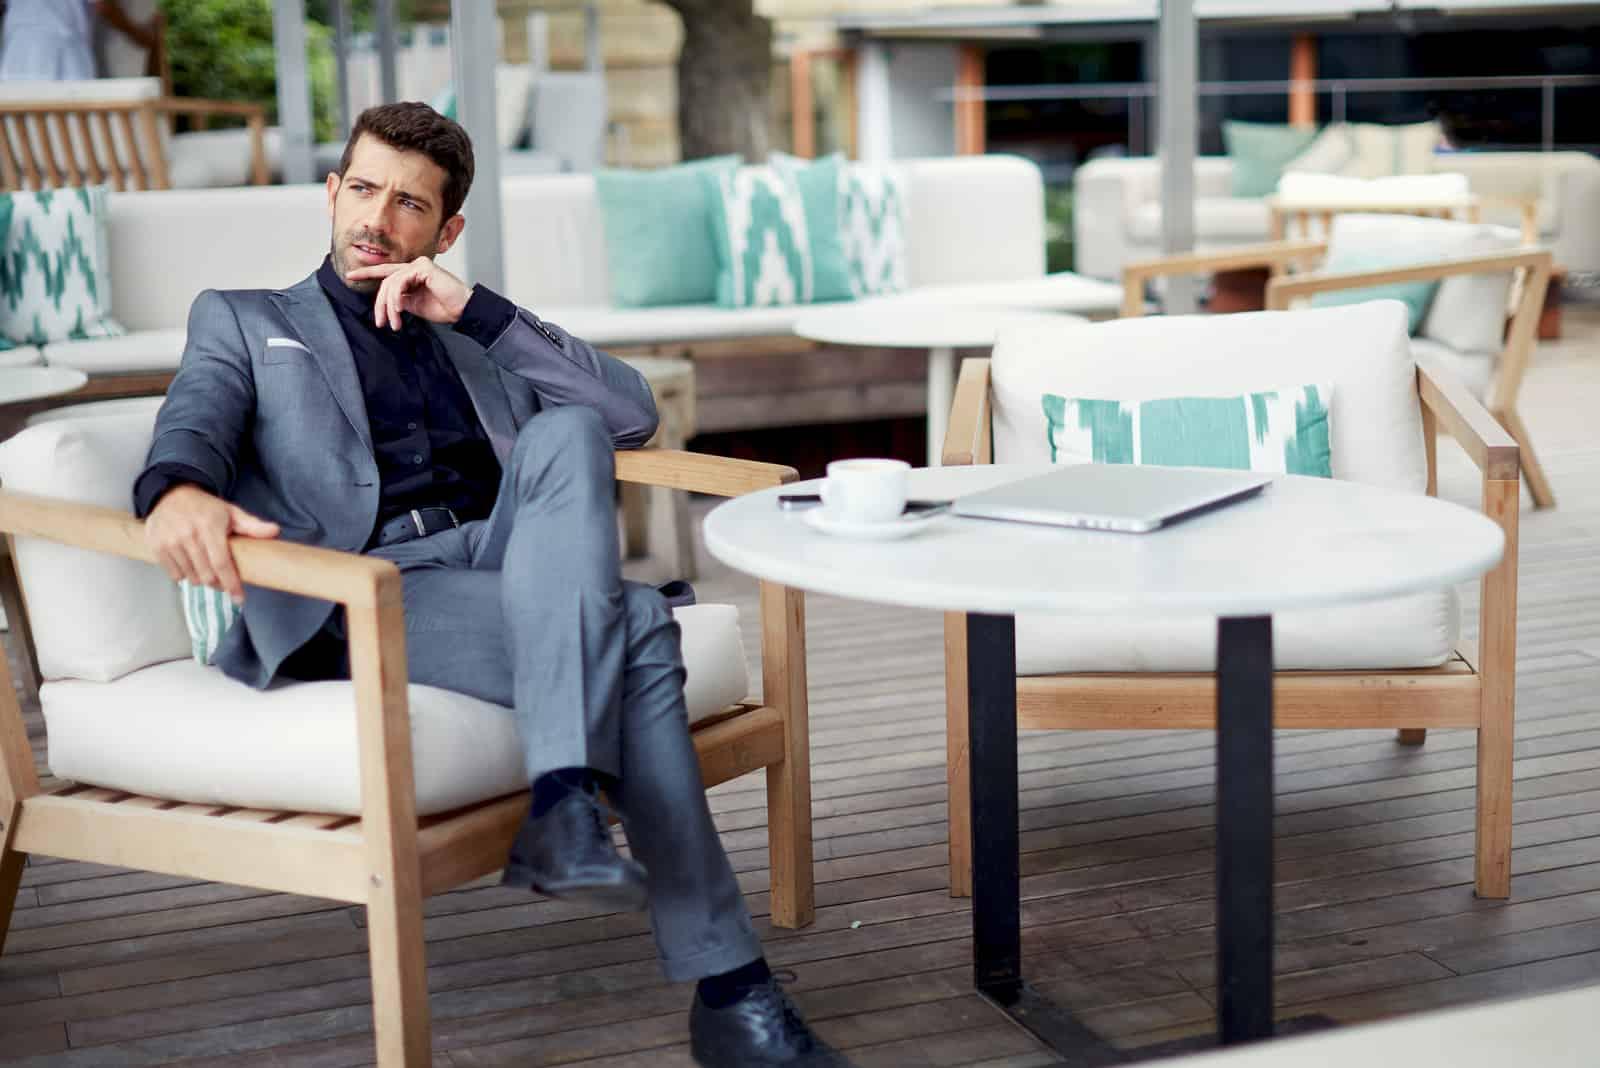 un homme imaginaire est assis à une table et regarde au loin